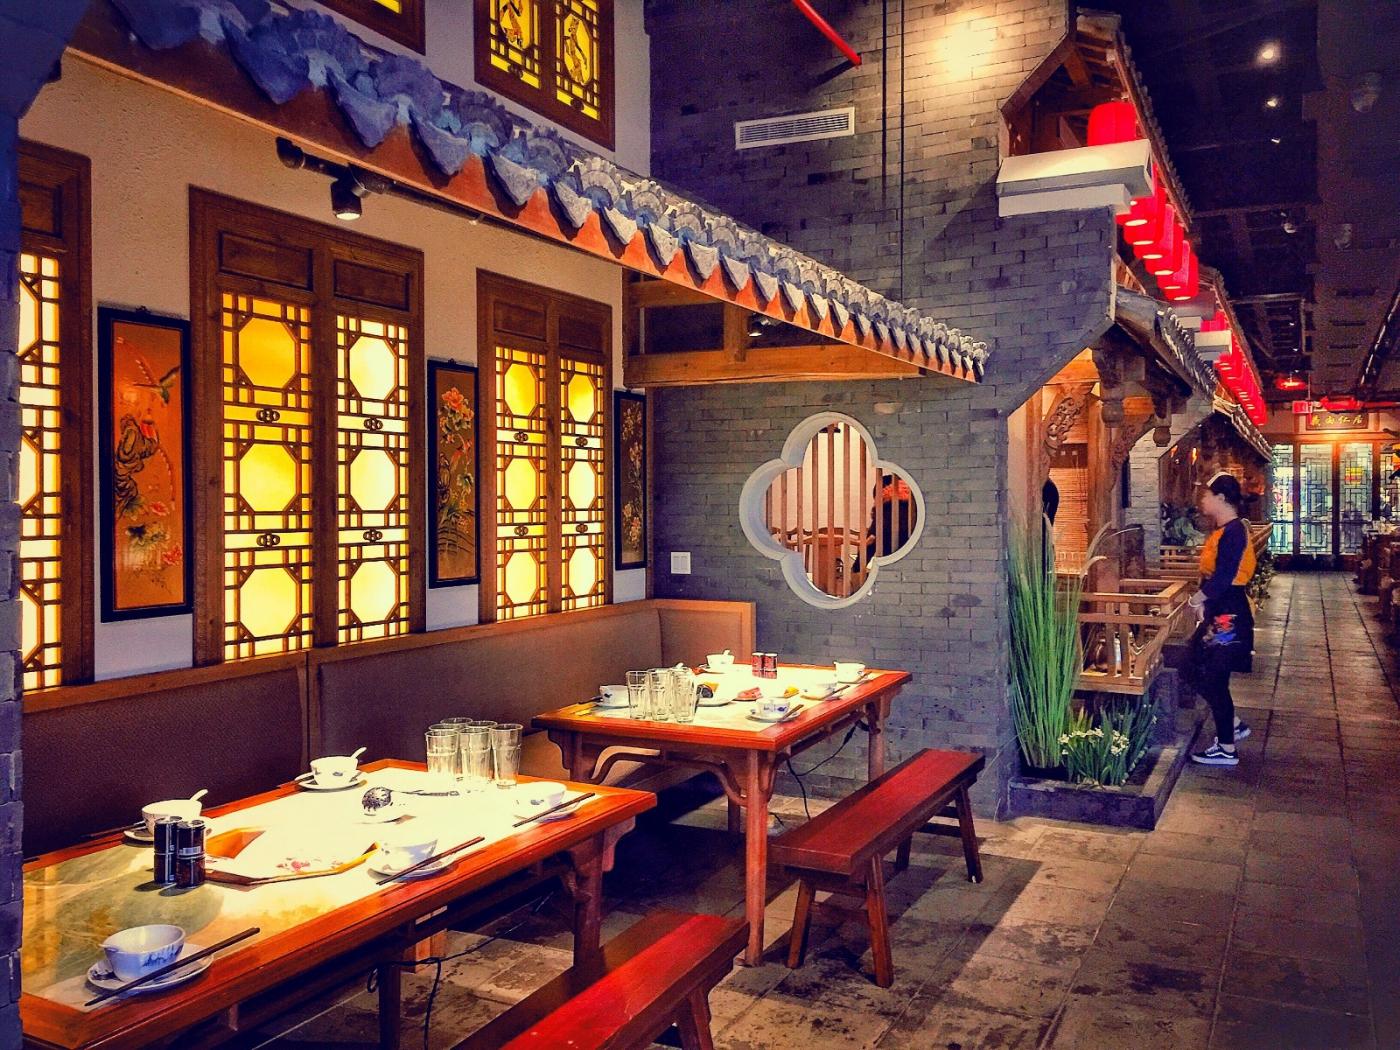 【盲流摄影】纽约法拉盛的中餐馆品味在提升-手机摄影_图1-13